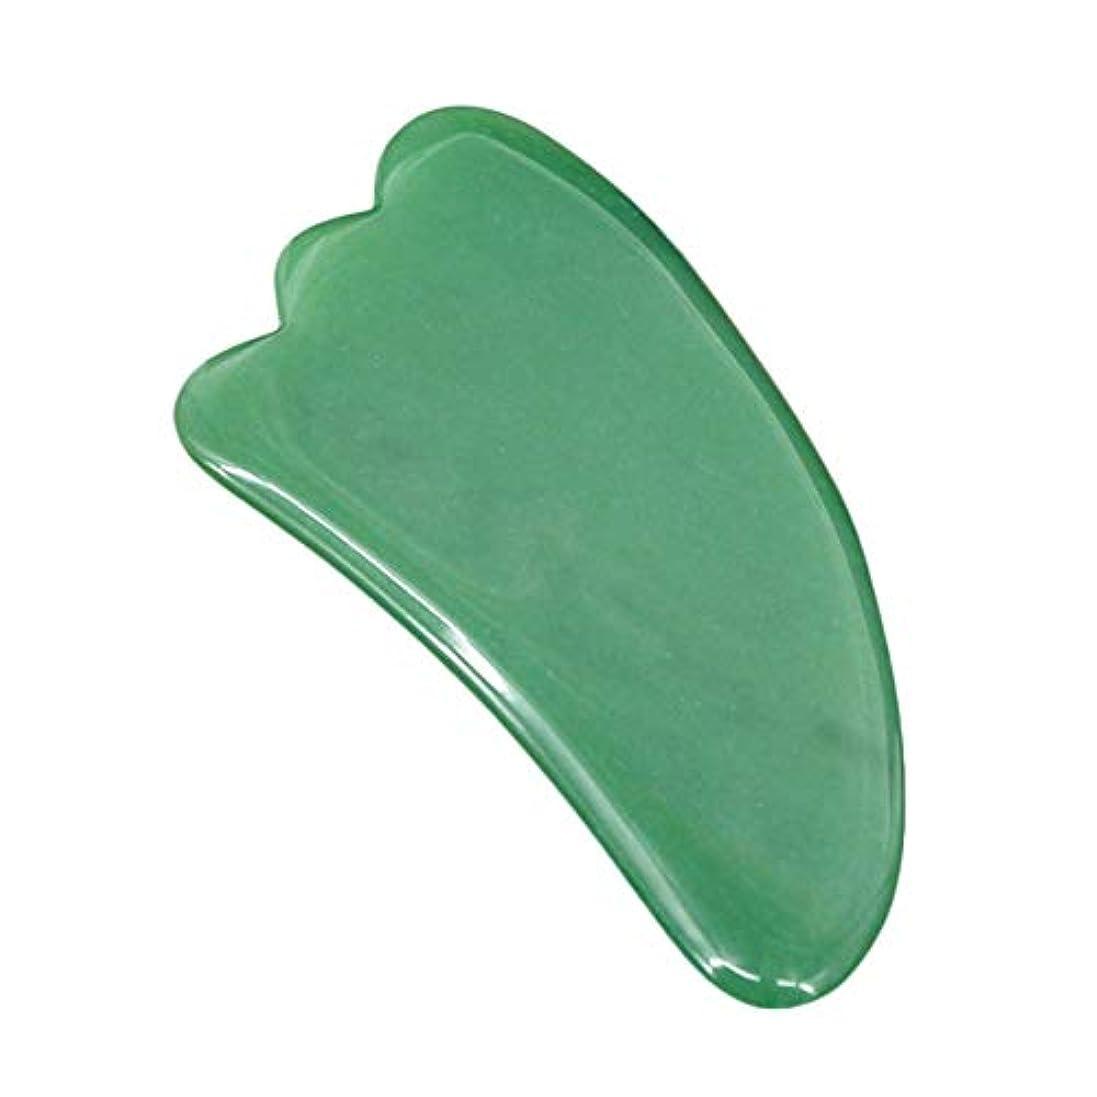 ラッドヤードキップリングアプライアンス発生するコンパクトサイズGua Shaフェイシャルトリートメントマッサージツール中国の天然玉掻き取りツールマッサージ癒しのツール - グリーン